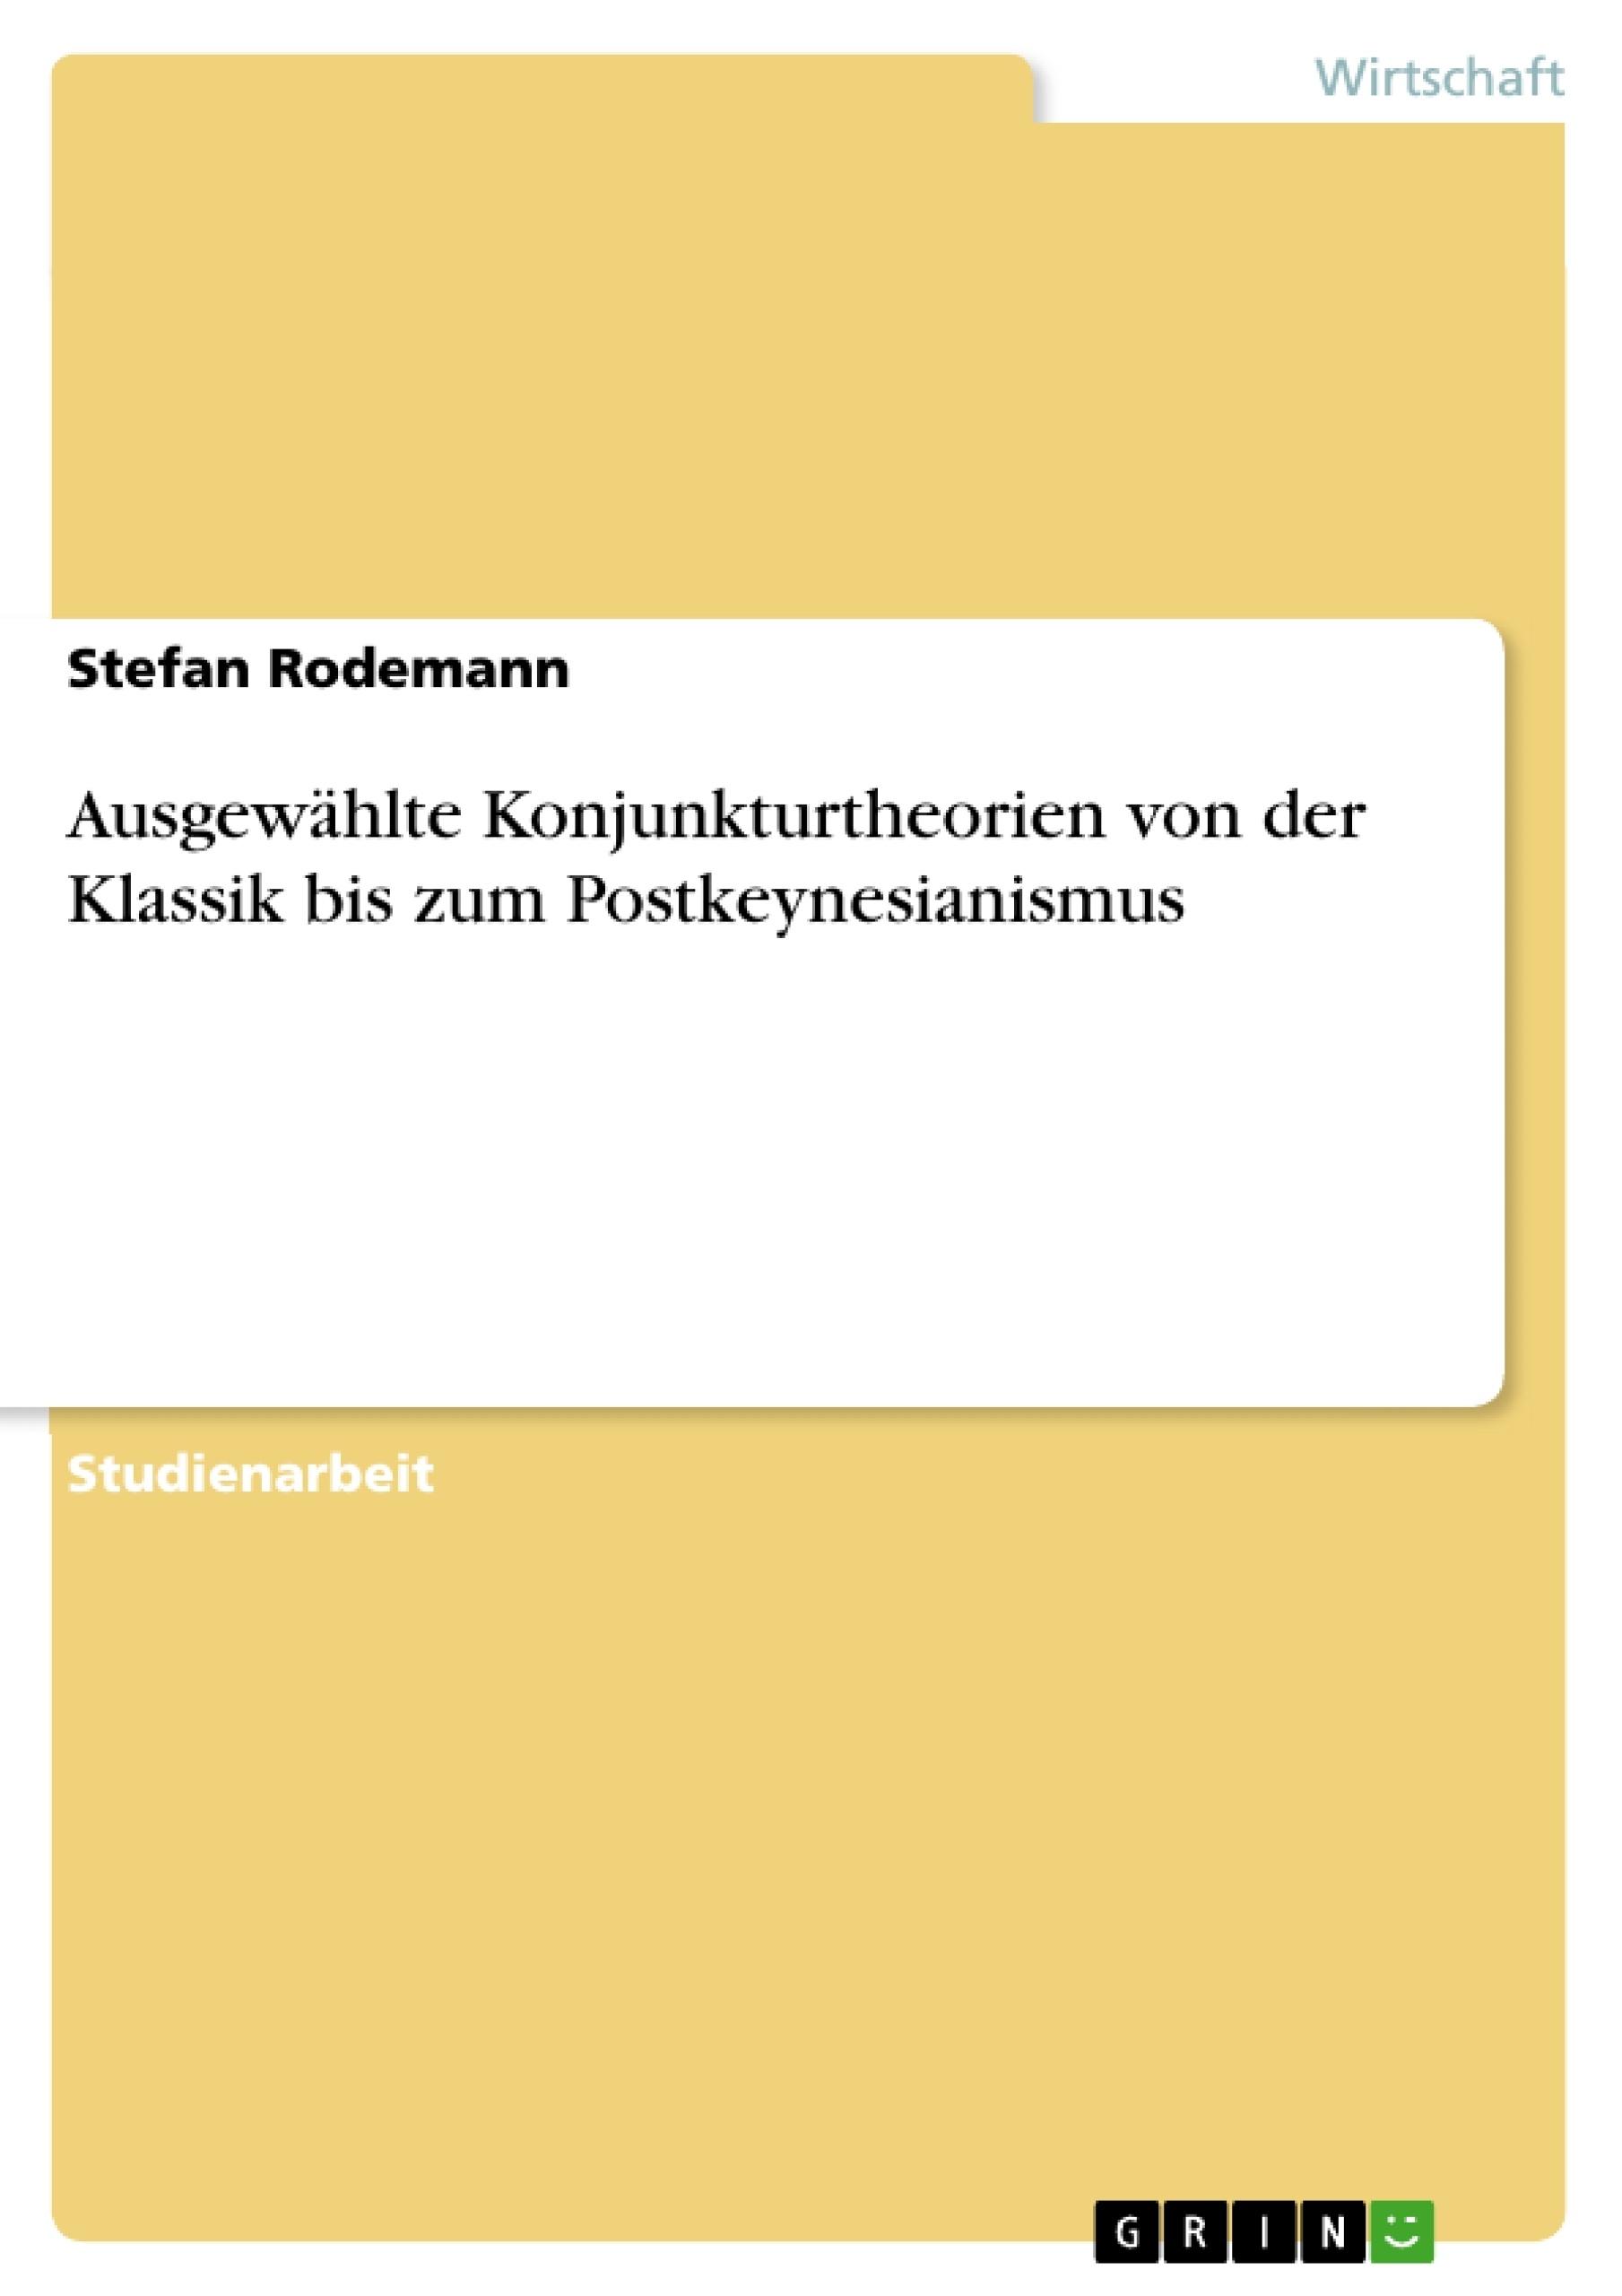 Titel: Ausgewählte Konjunkturtheorien von der Klassik bis zum Postkeynesianismus